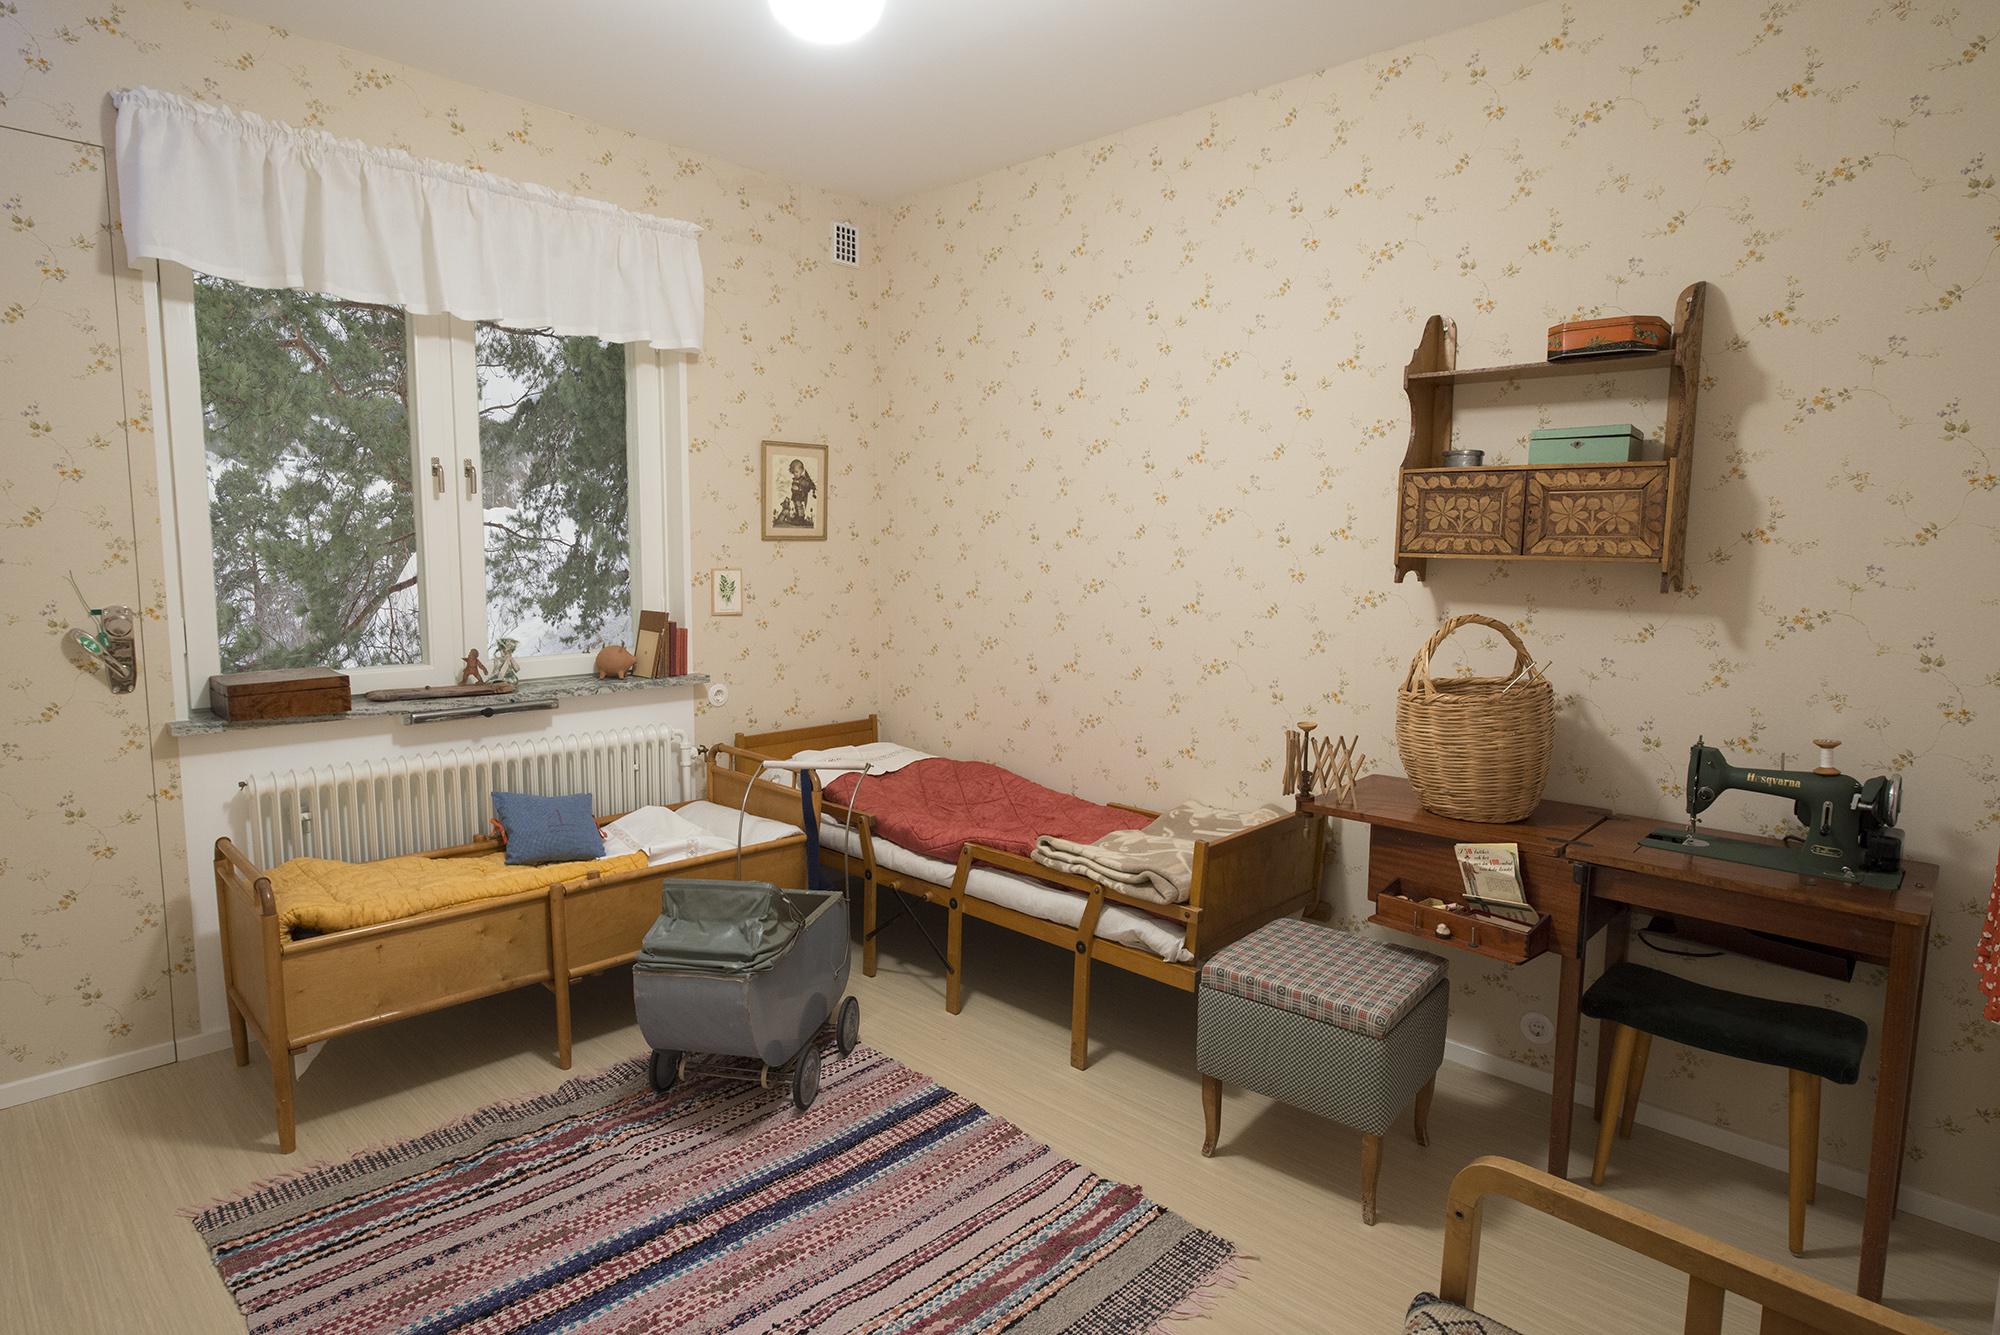 Folkhemslägenheten - En hemmiljö från slutet av 1940-talet ...